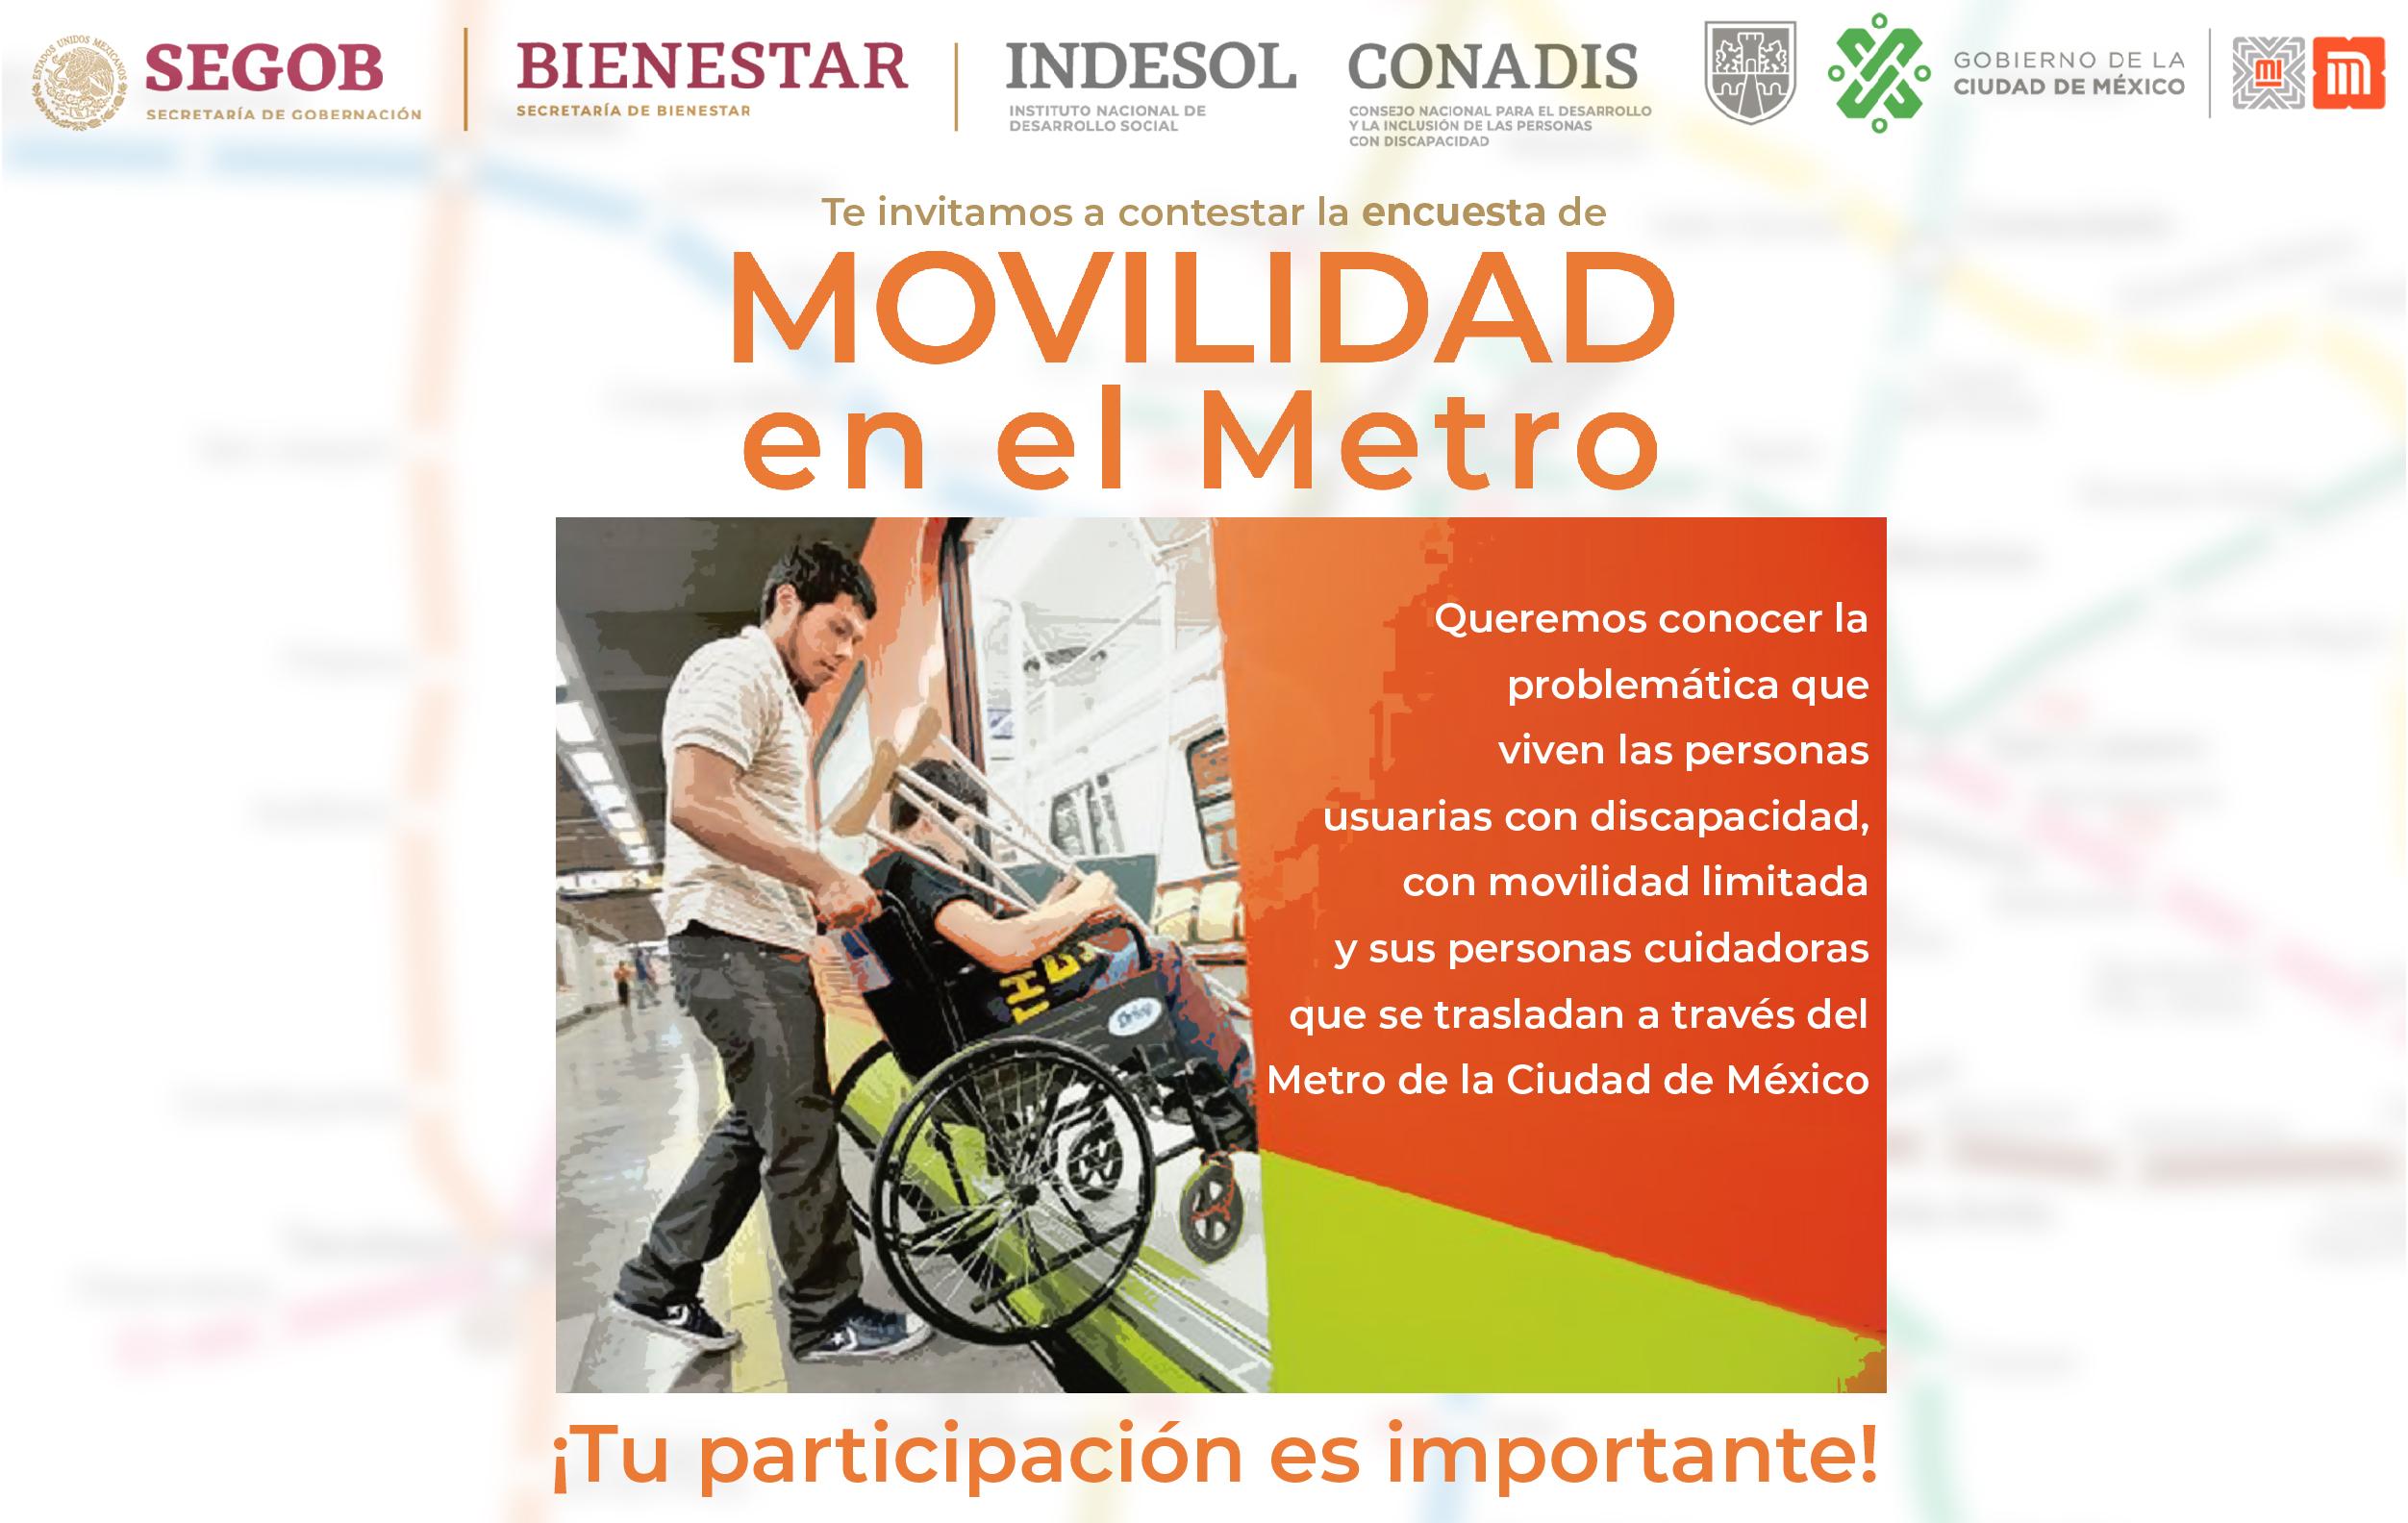 Banner invitación encuesta de Movilidad en el metro